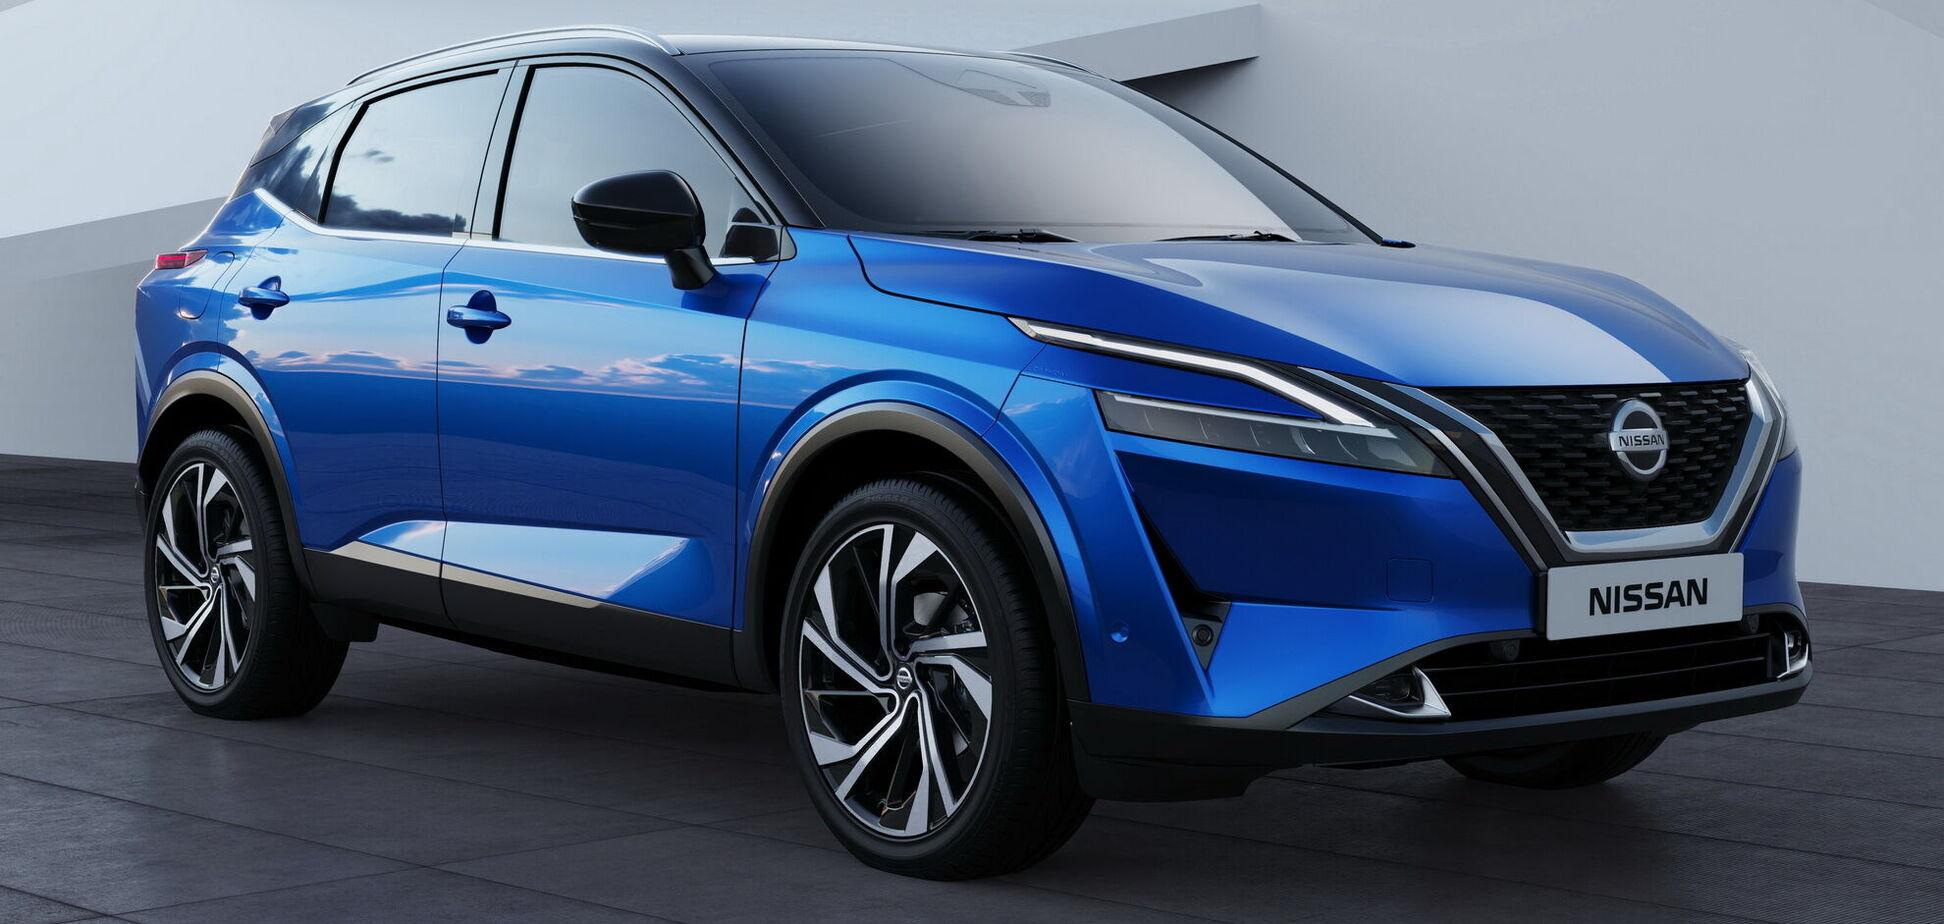 Nissan Qashqai дебютировал в новом поколении